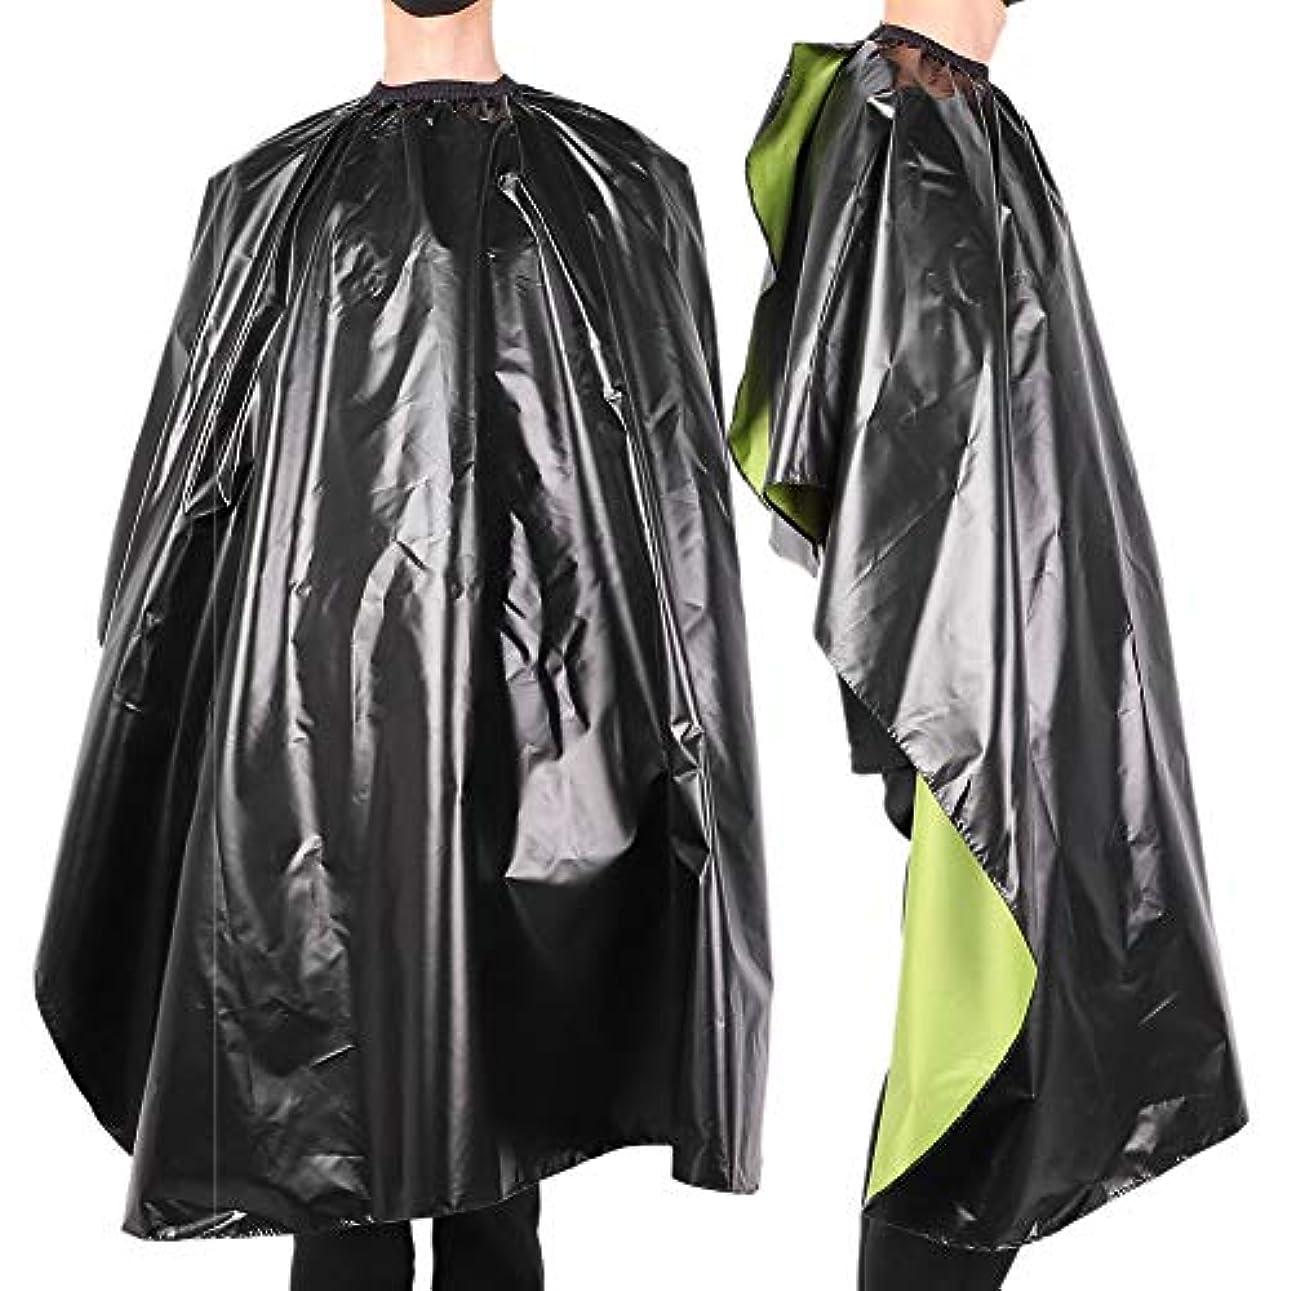 スポット包囲限りなく防水 調整可能 サロン 散髪 ヘアスタイリングケープ-ガ ウン大人の理髪理髪師 ラップエプロン